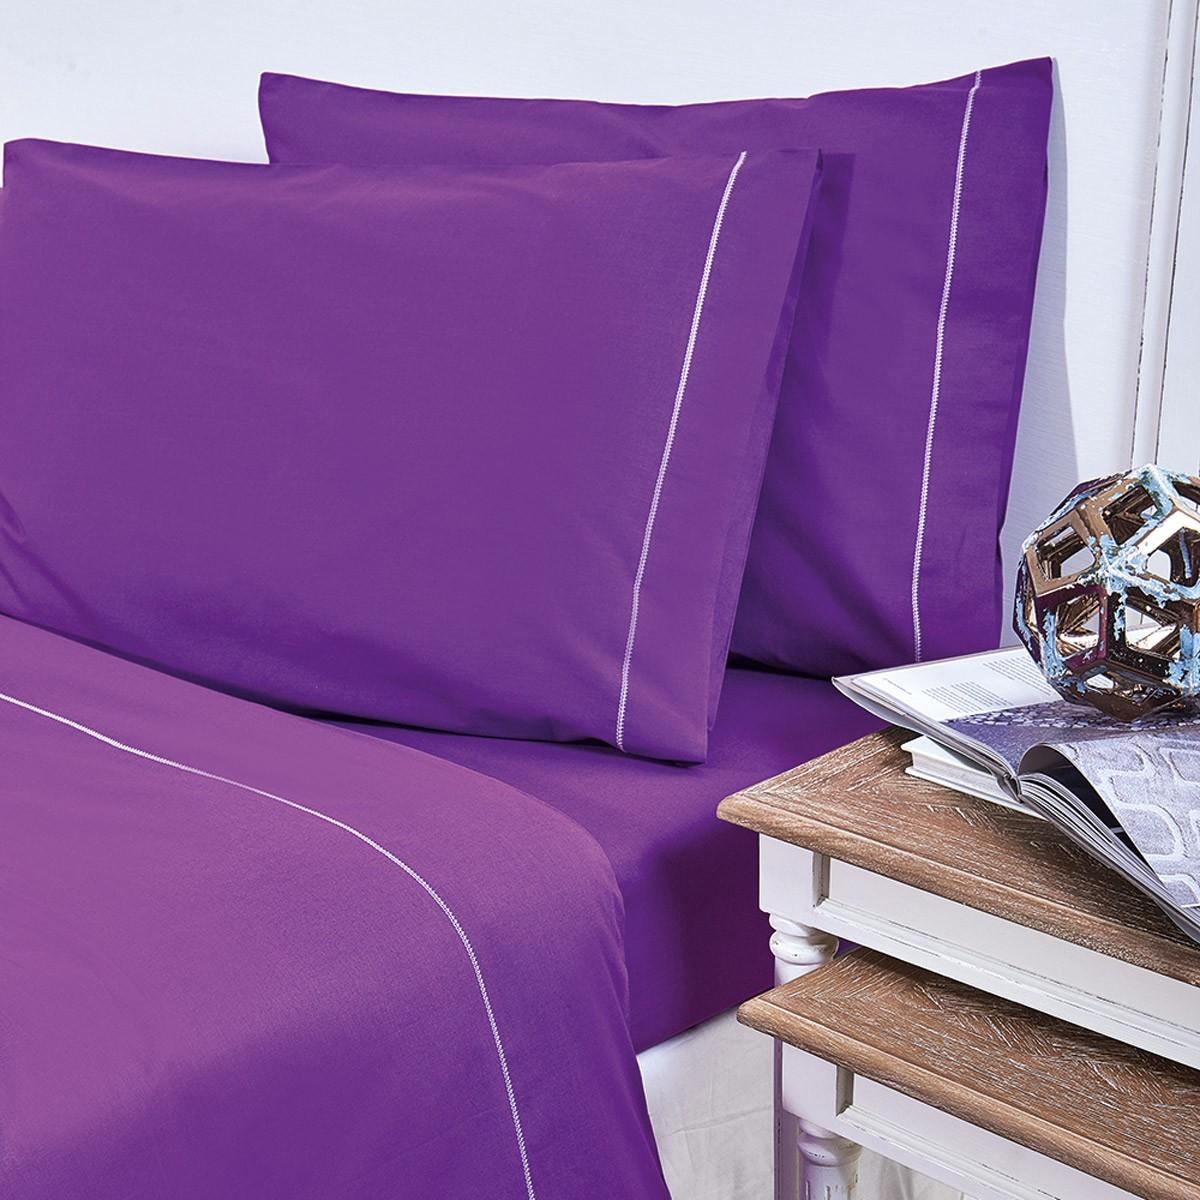 Παπλωματοθήκη Υπέρδιπλη V19.69 Arcobaleno Bello Purple